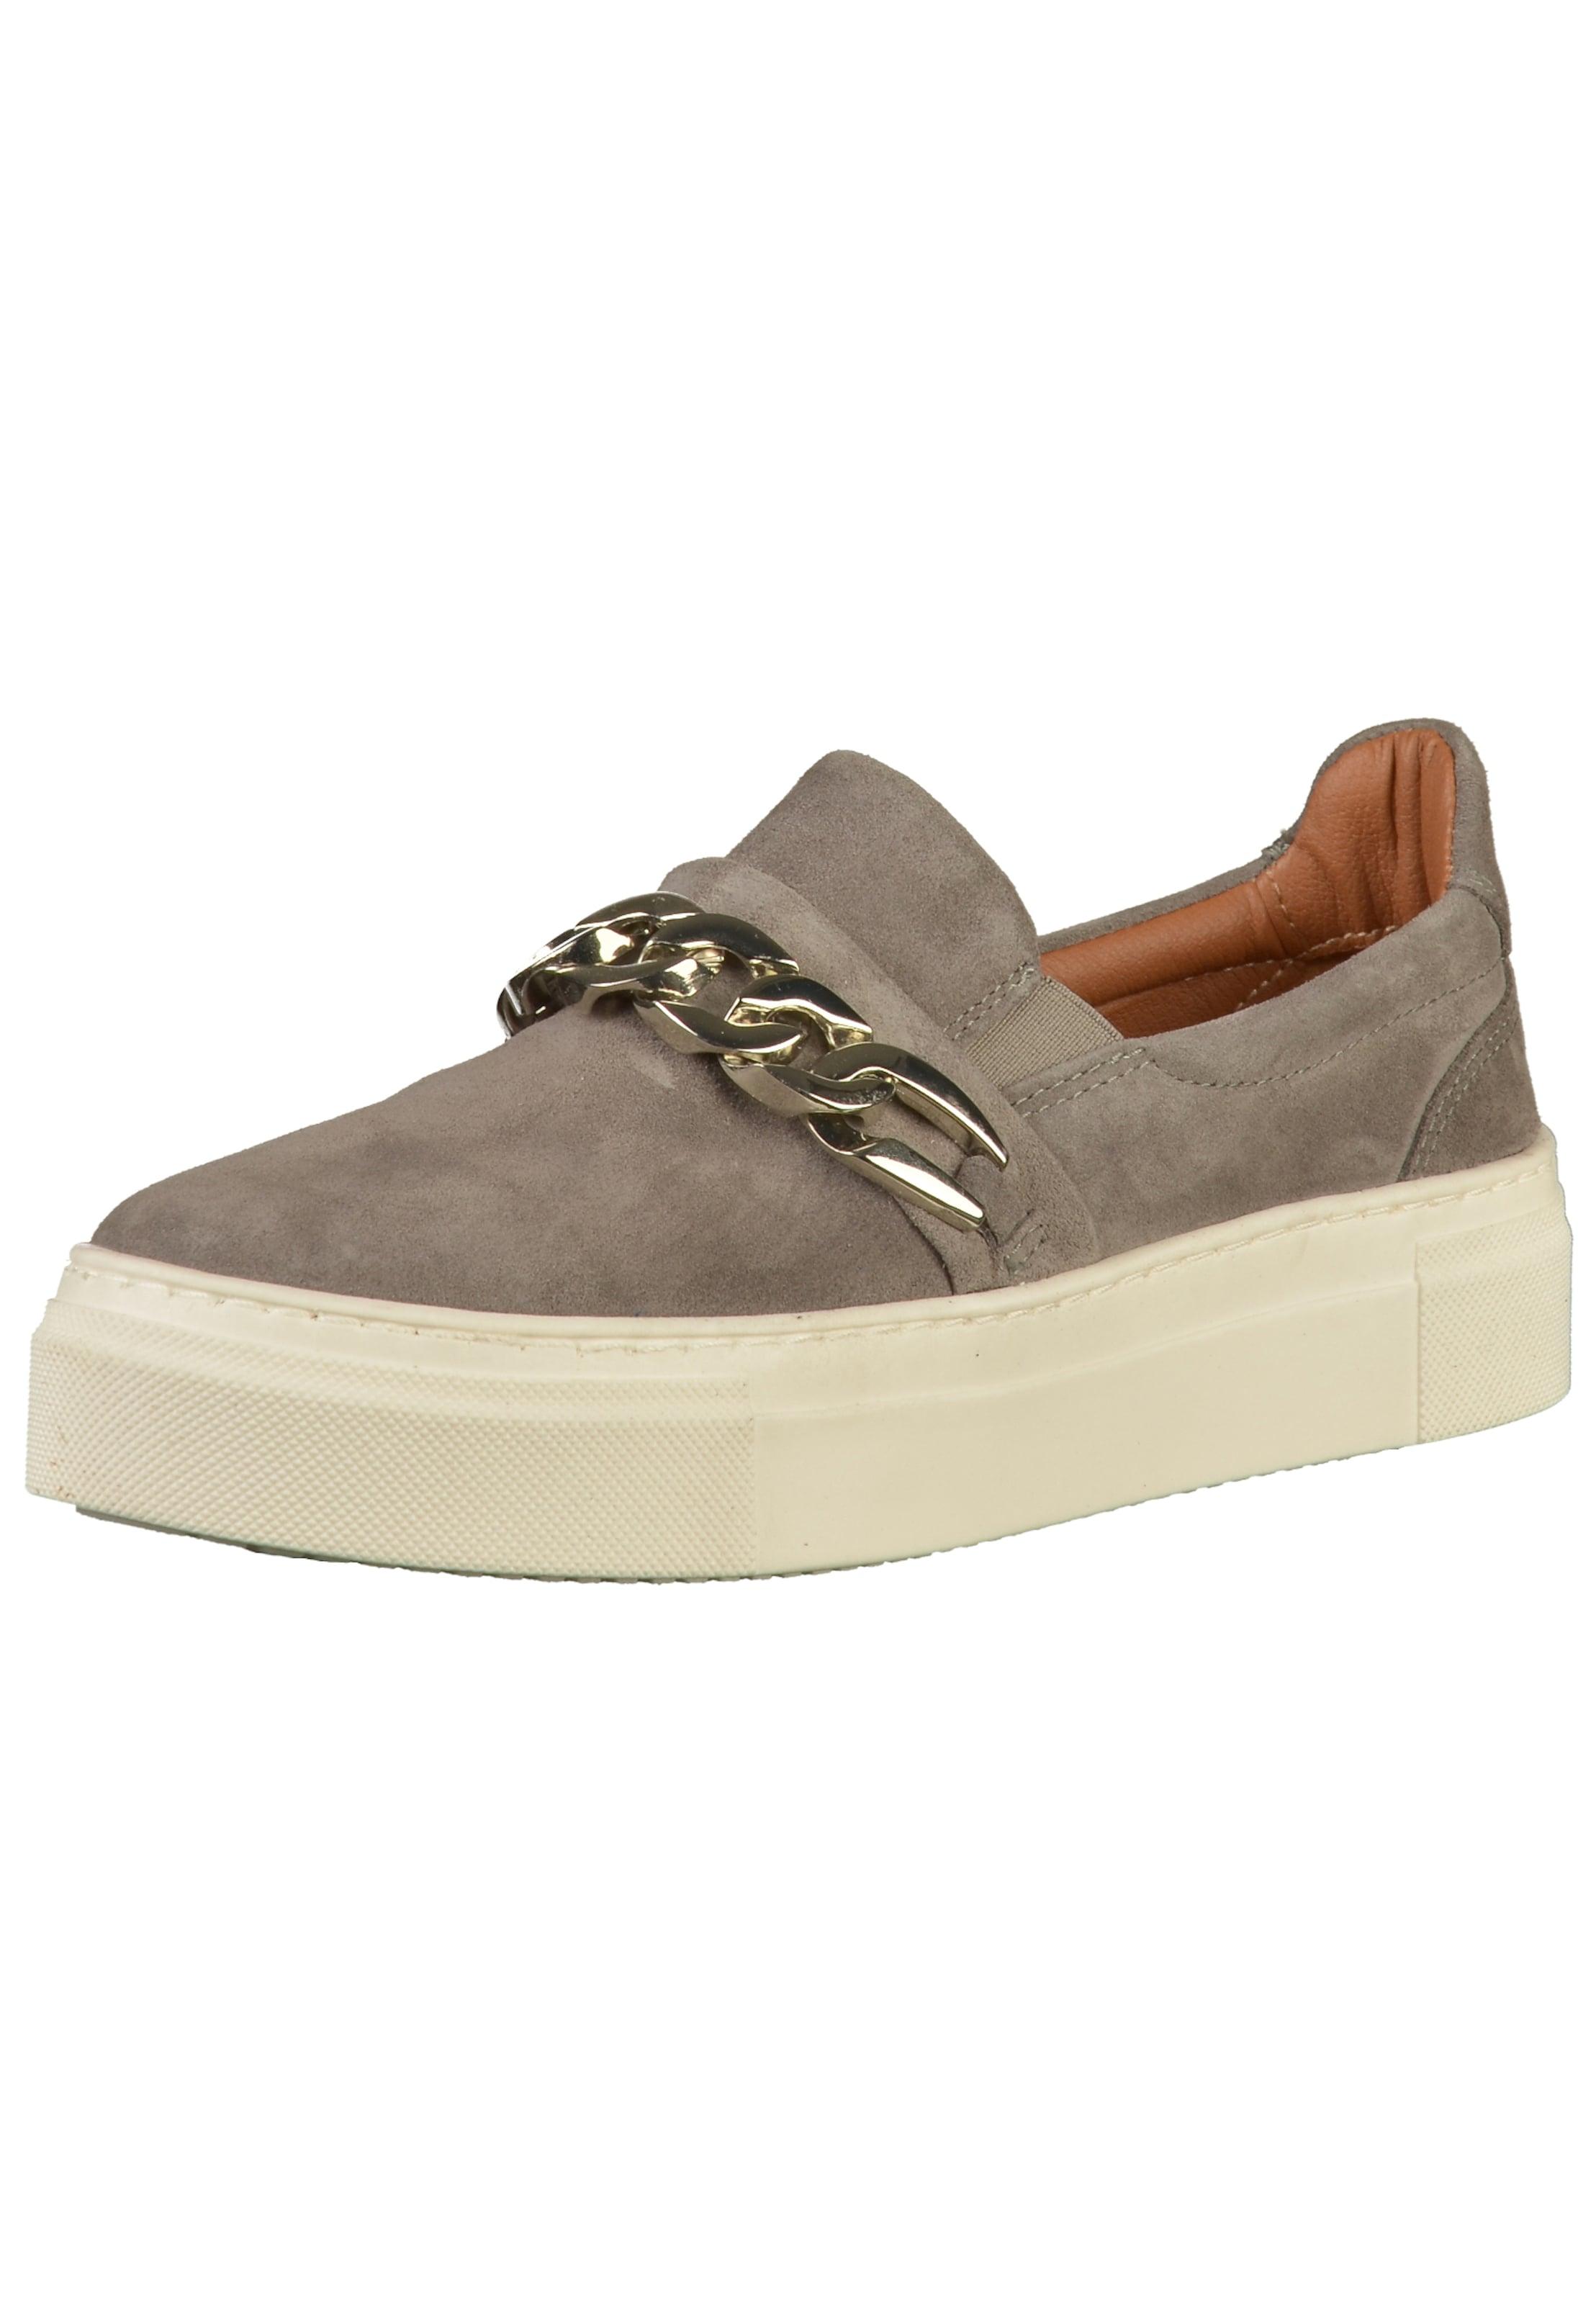 BULLBOXER Slipper Günstige und langlebige Schuhe